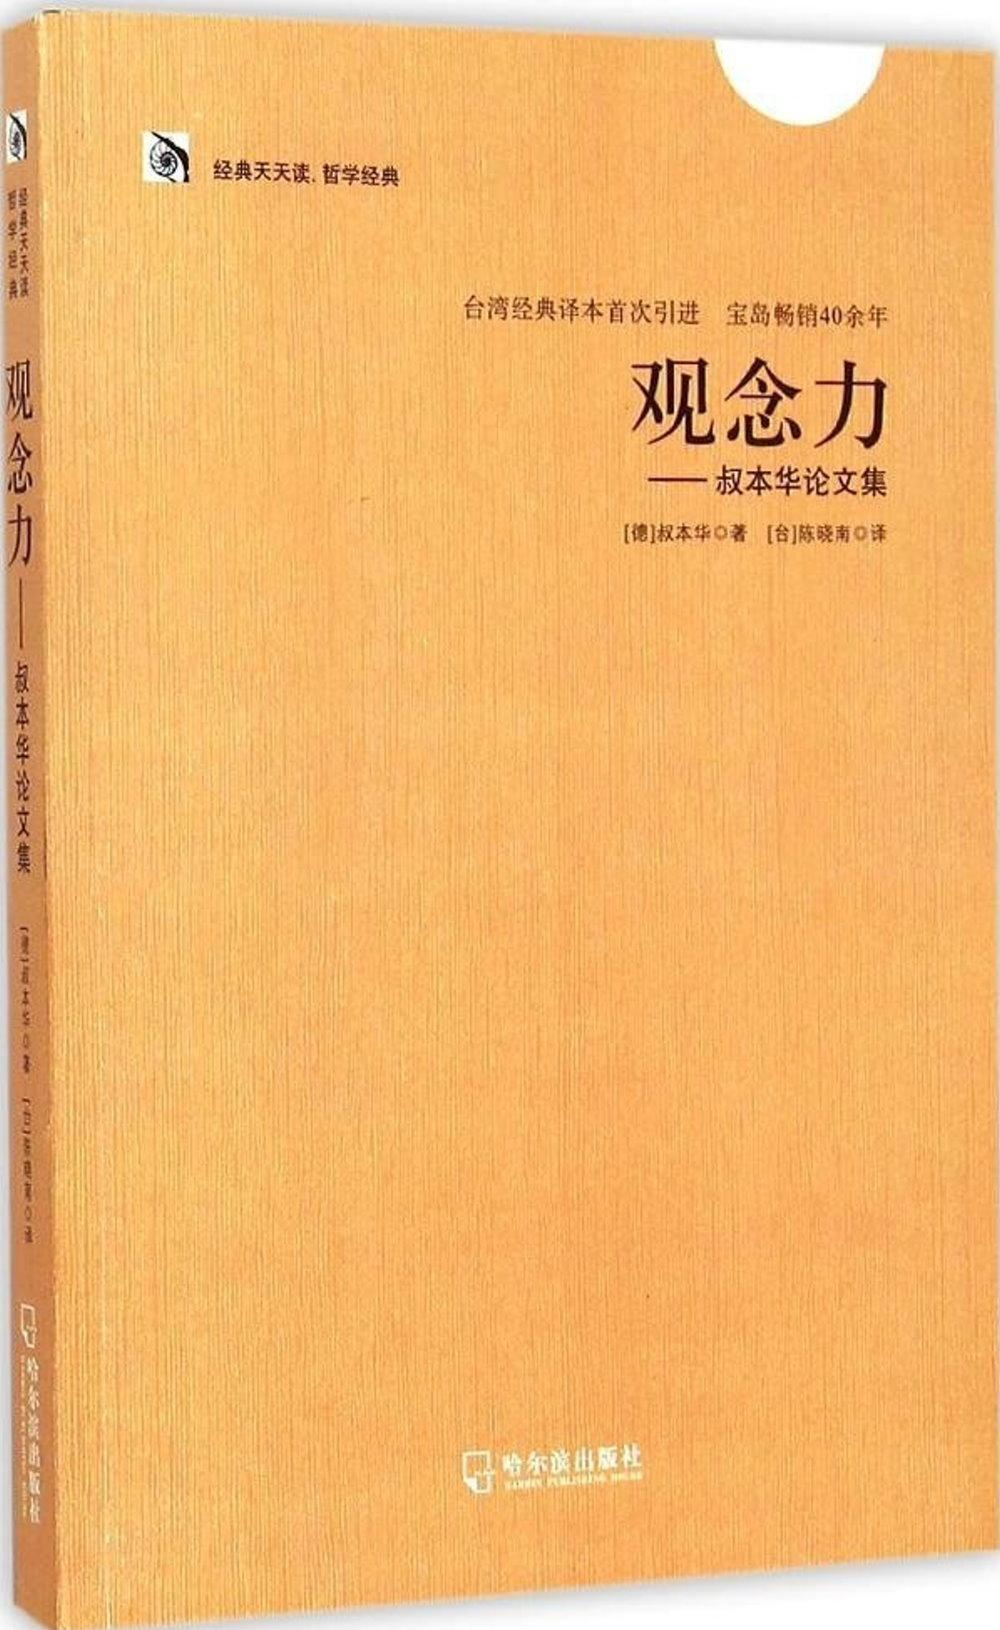 經典天天讀.哲學經典 觀念力:叔本華論文集